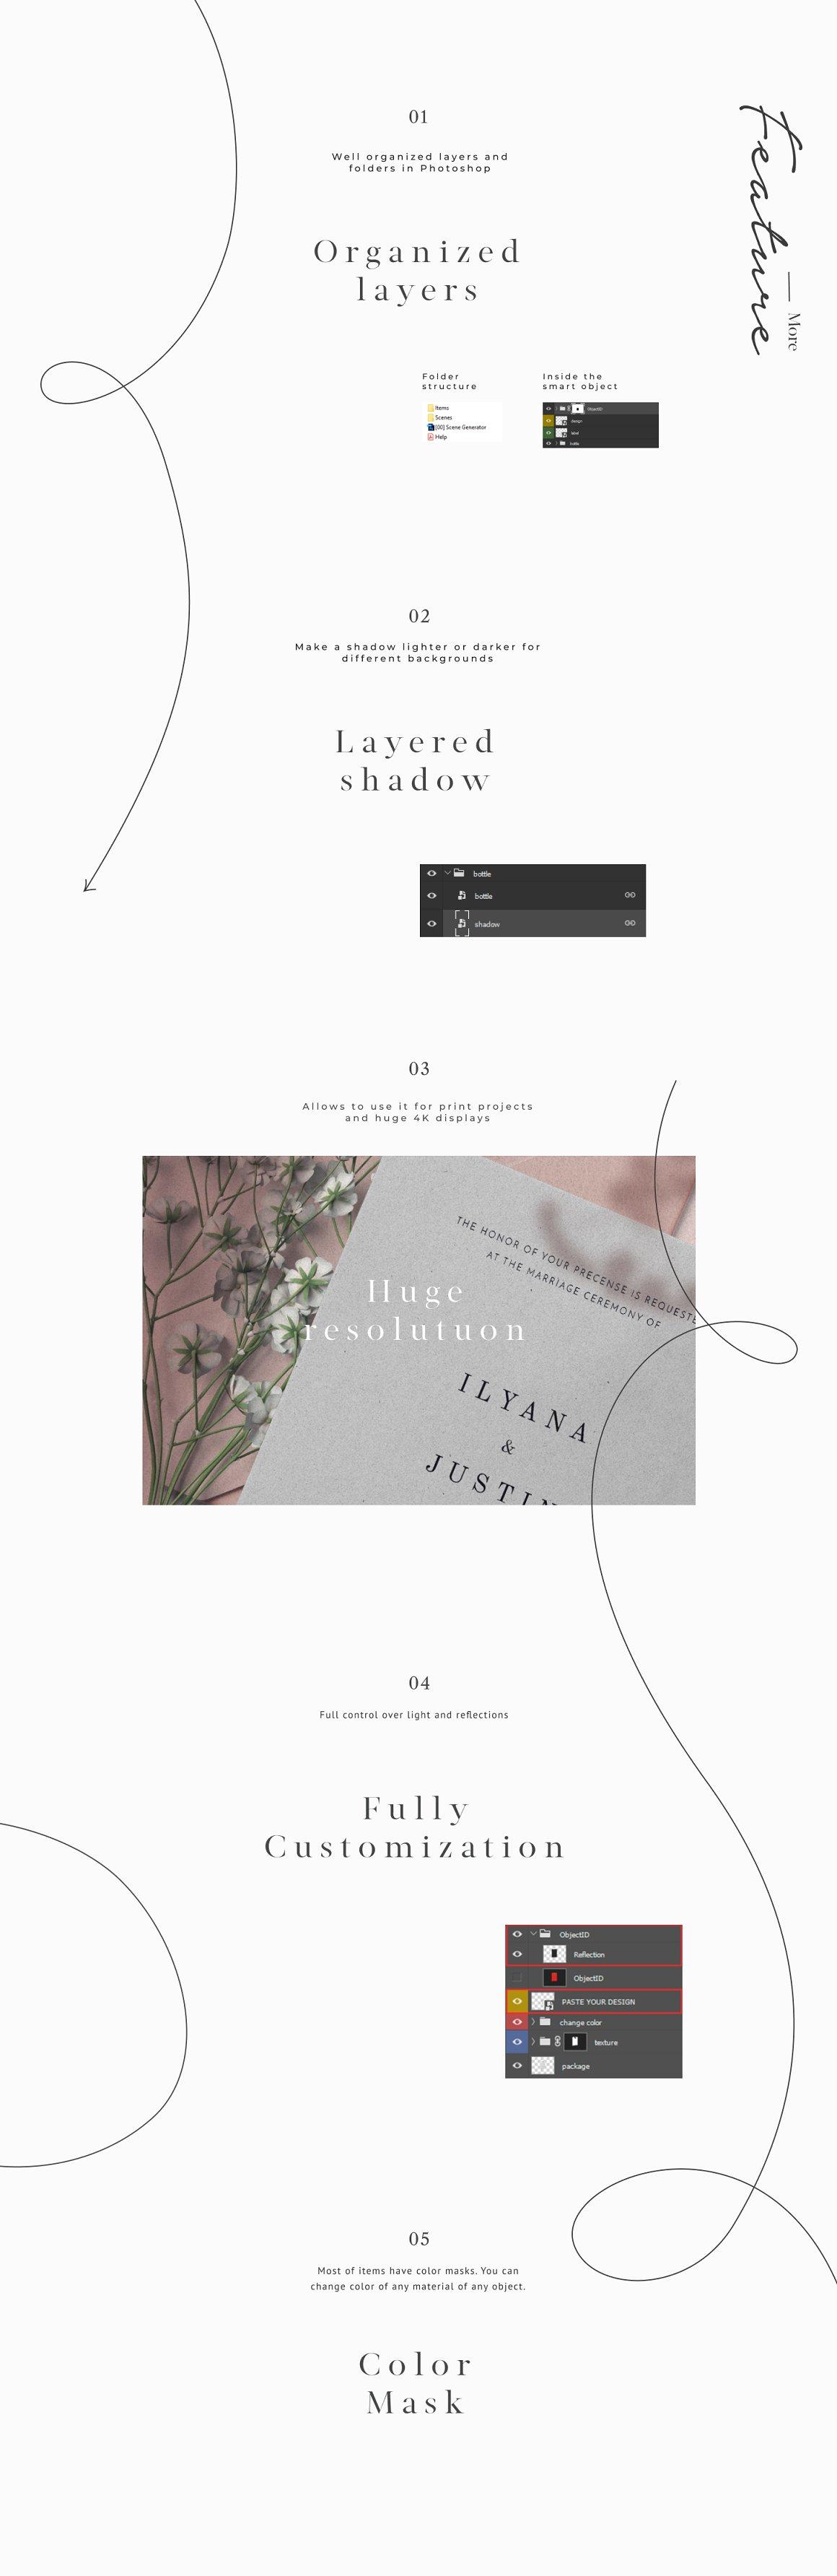 [单独购买] 17款超大婚礼品牌设计场景展示样机创建者模板PS素材包 Wedding Mockup Scene Creator插图12